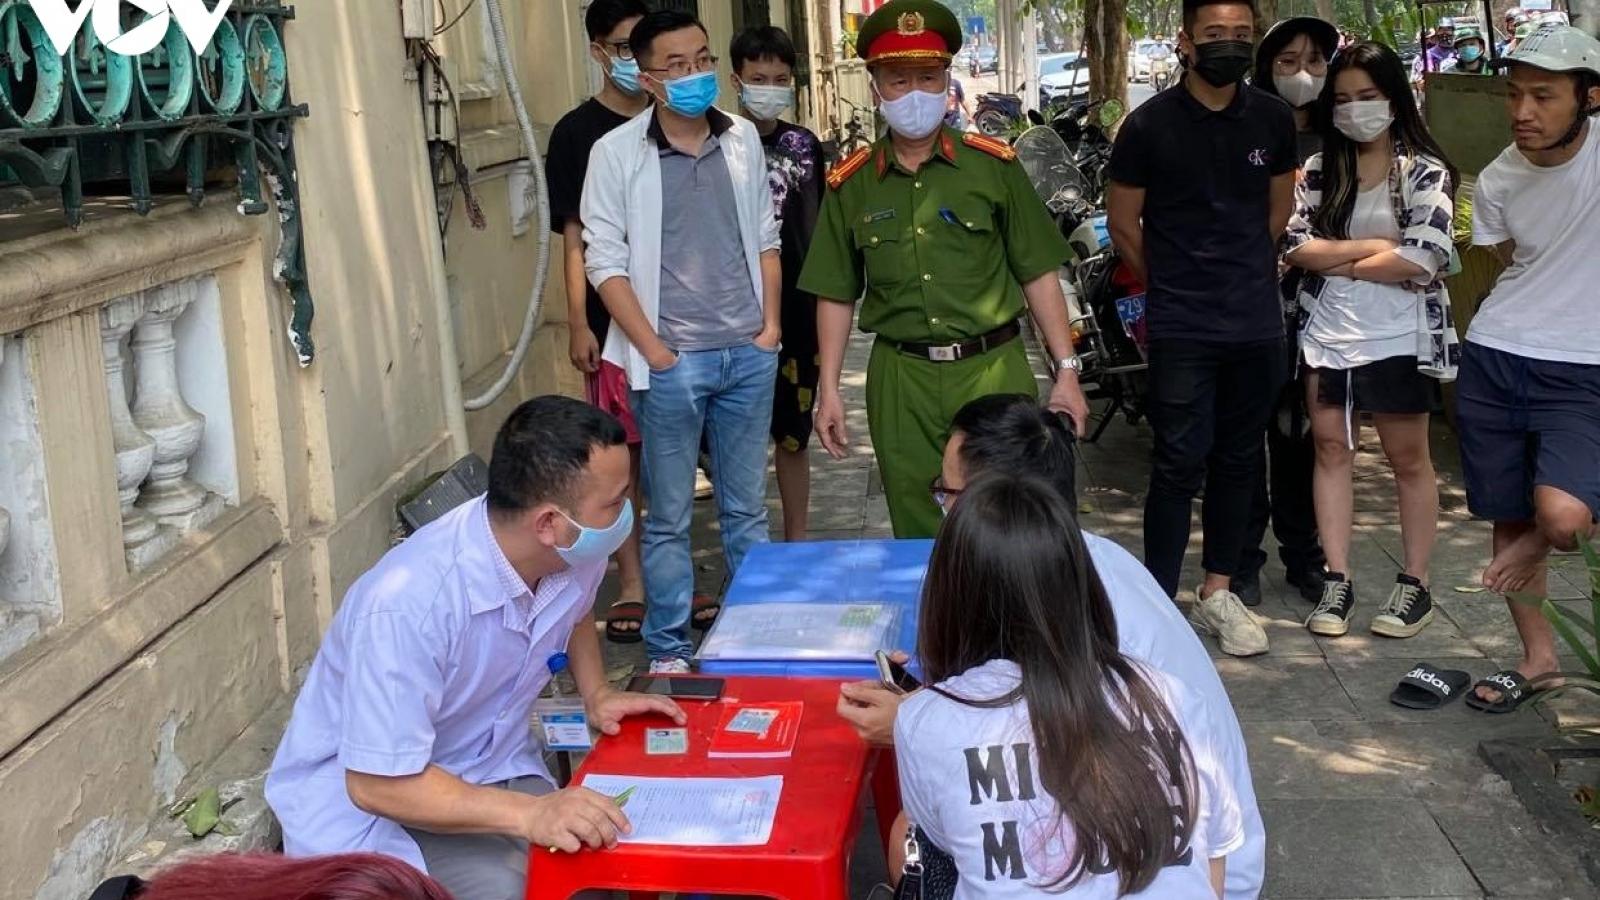 Công an Hà Nội xử lý 9 người không đeo khẩu trang nơi công cộng